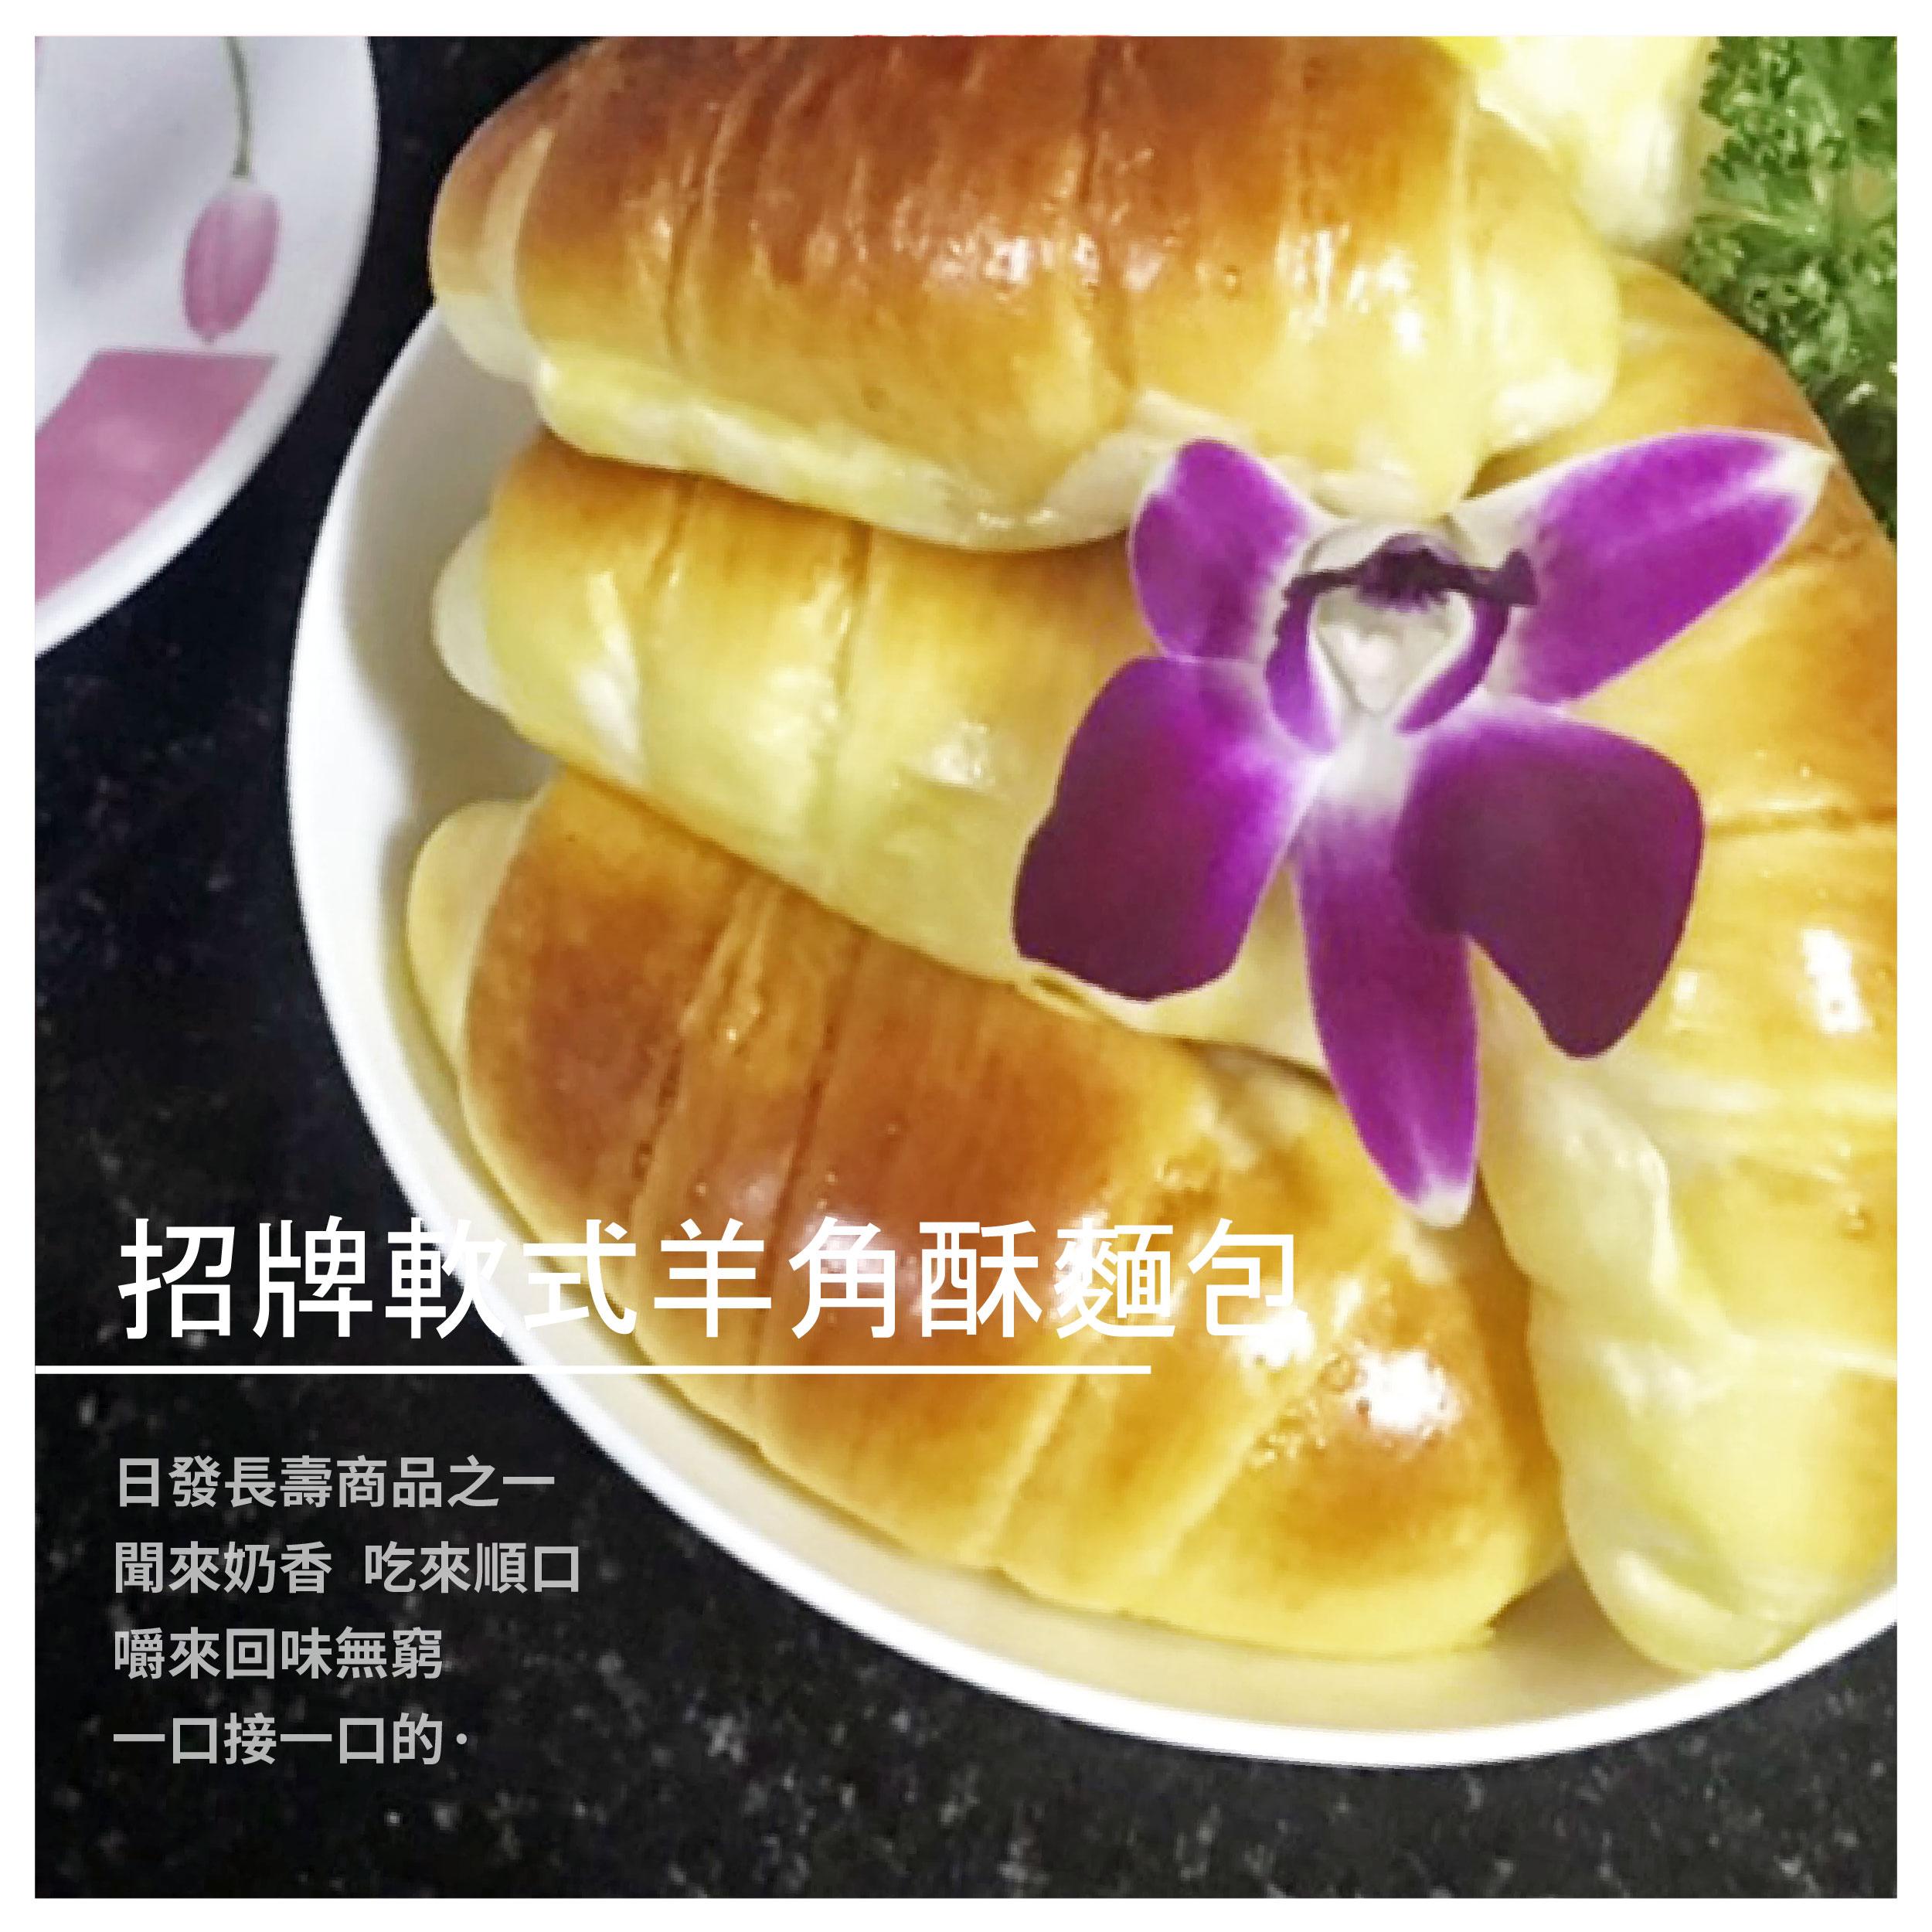 【日發蛋糕麵包】招牌軟式羊角酥麵包